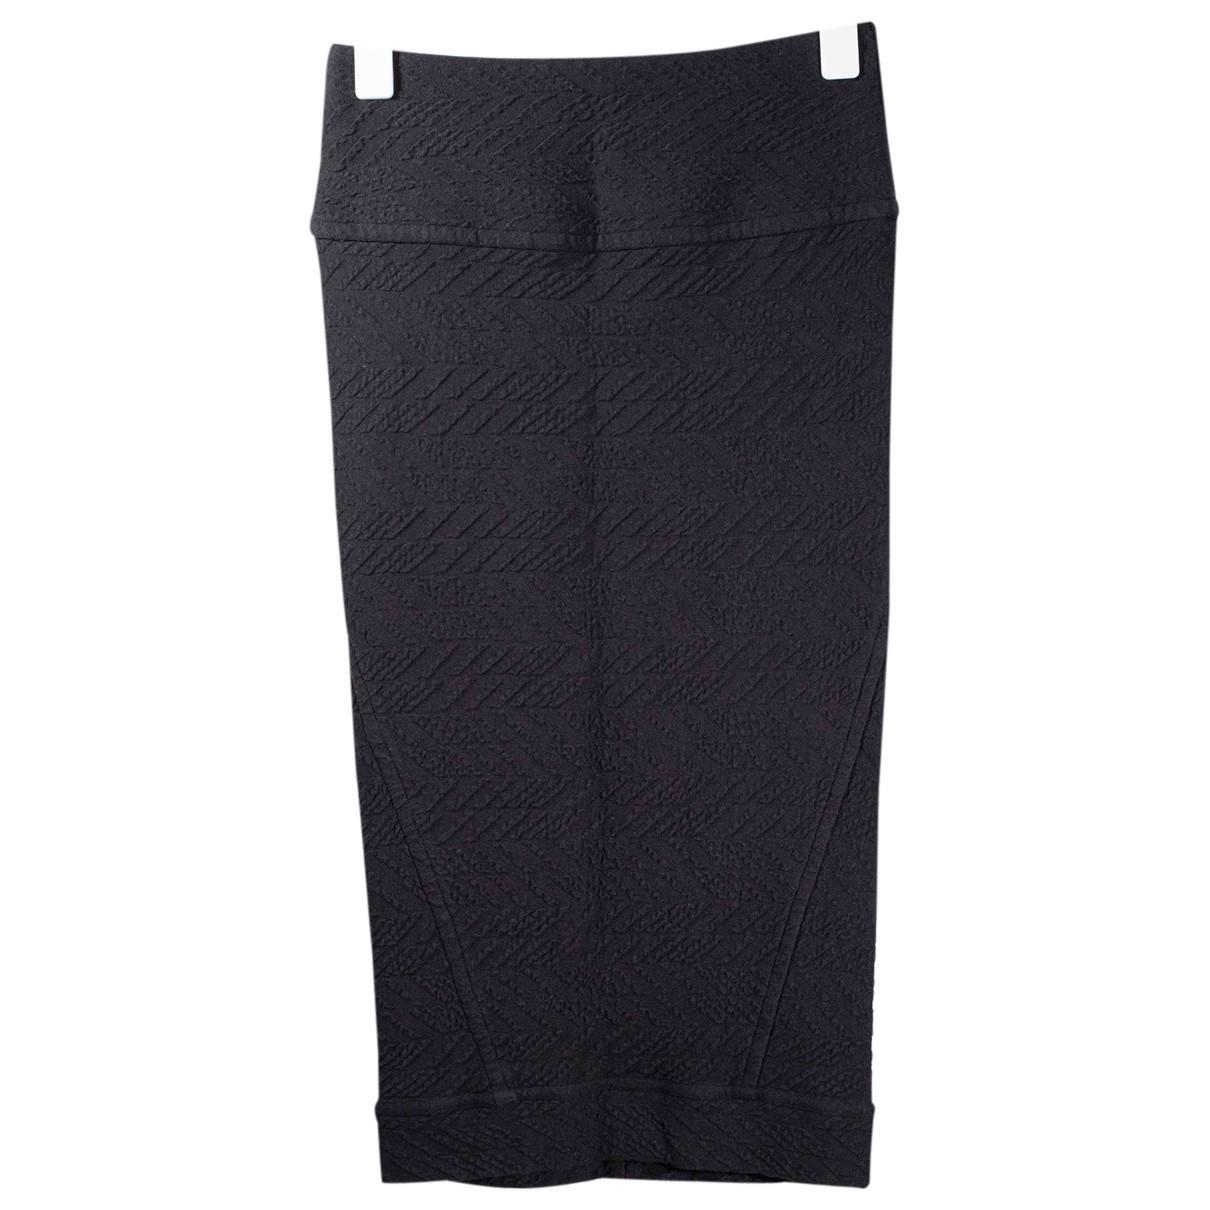 Iro \N Black skirt for Women 34 FR